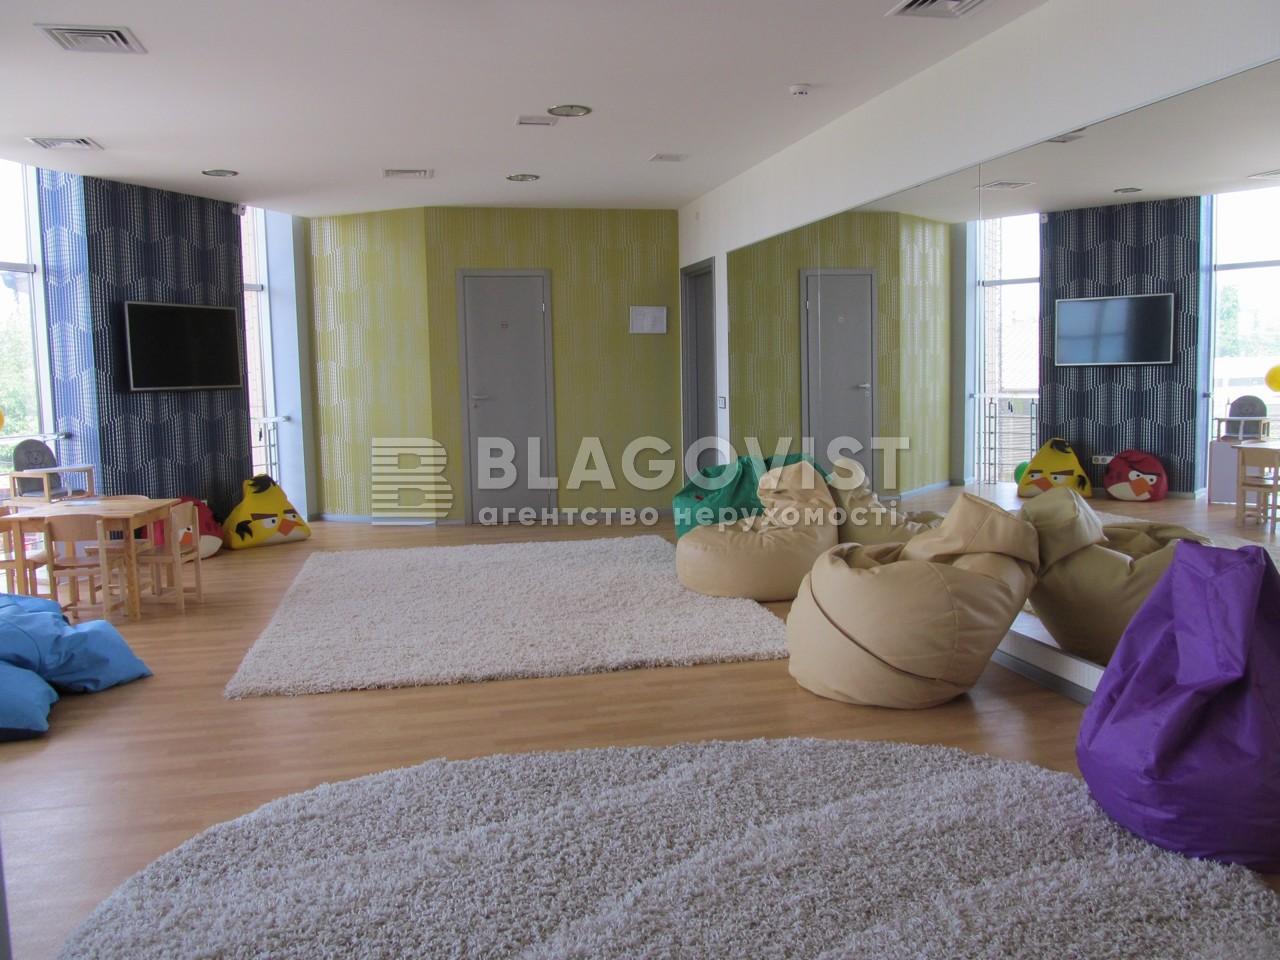 Нежилое помещение, H-37155, Садовая (Осокорки), Киев - Фото 13